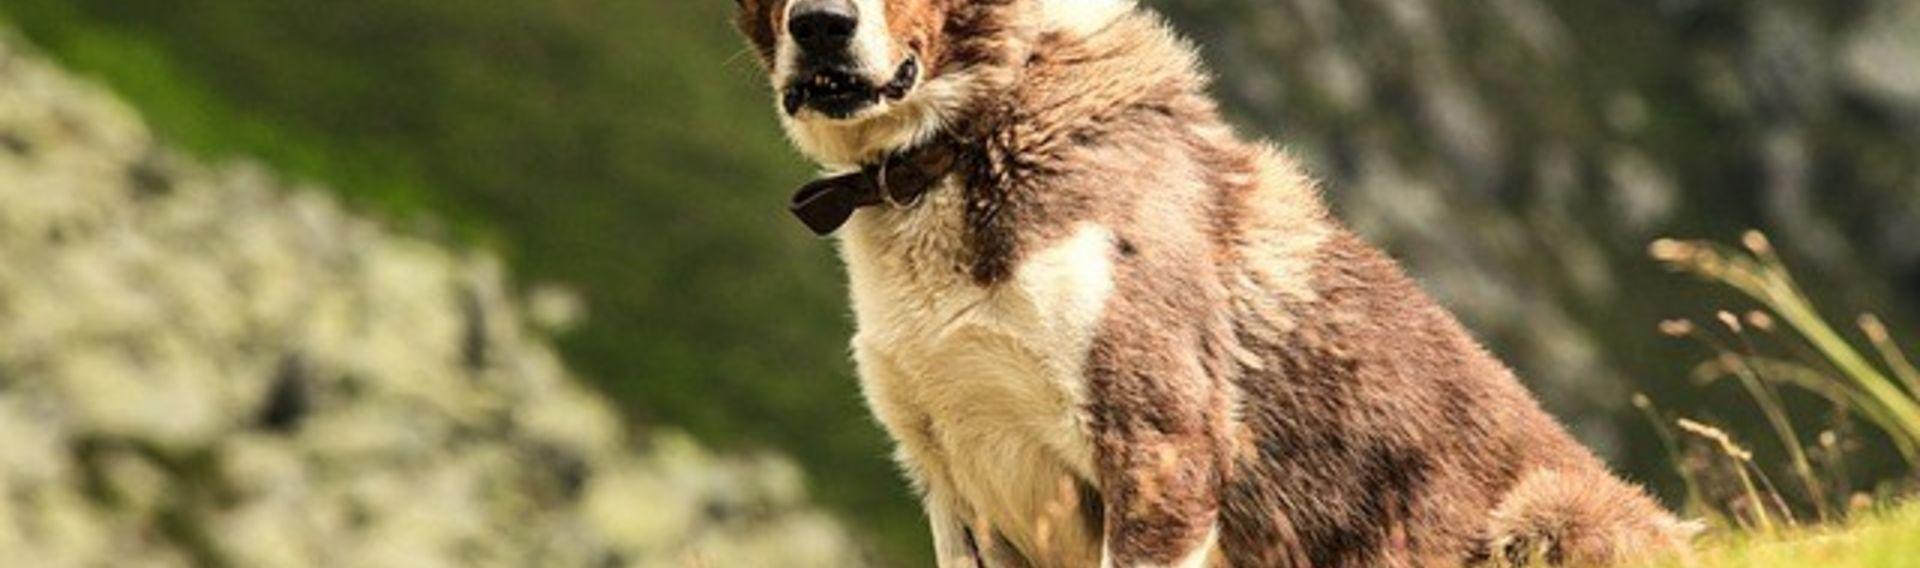 Wandertouren mit Hund – Angebote für Hundehalter